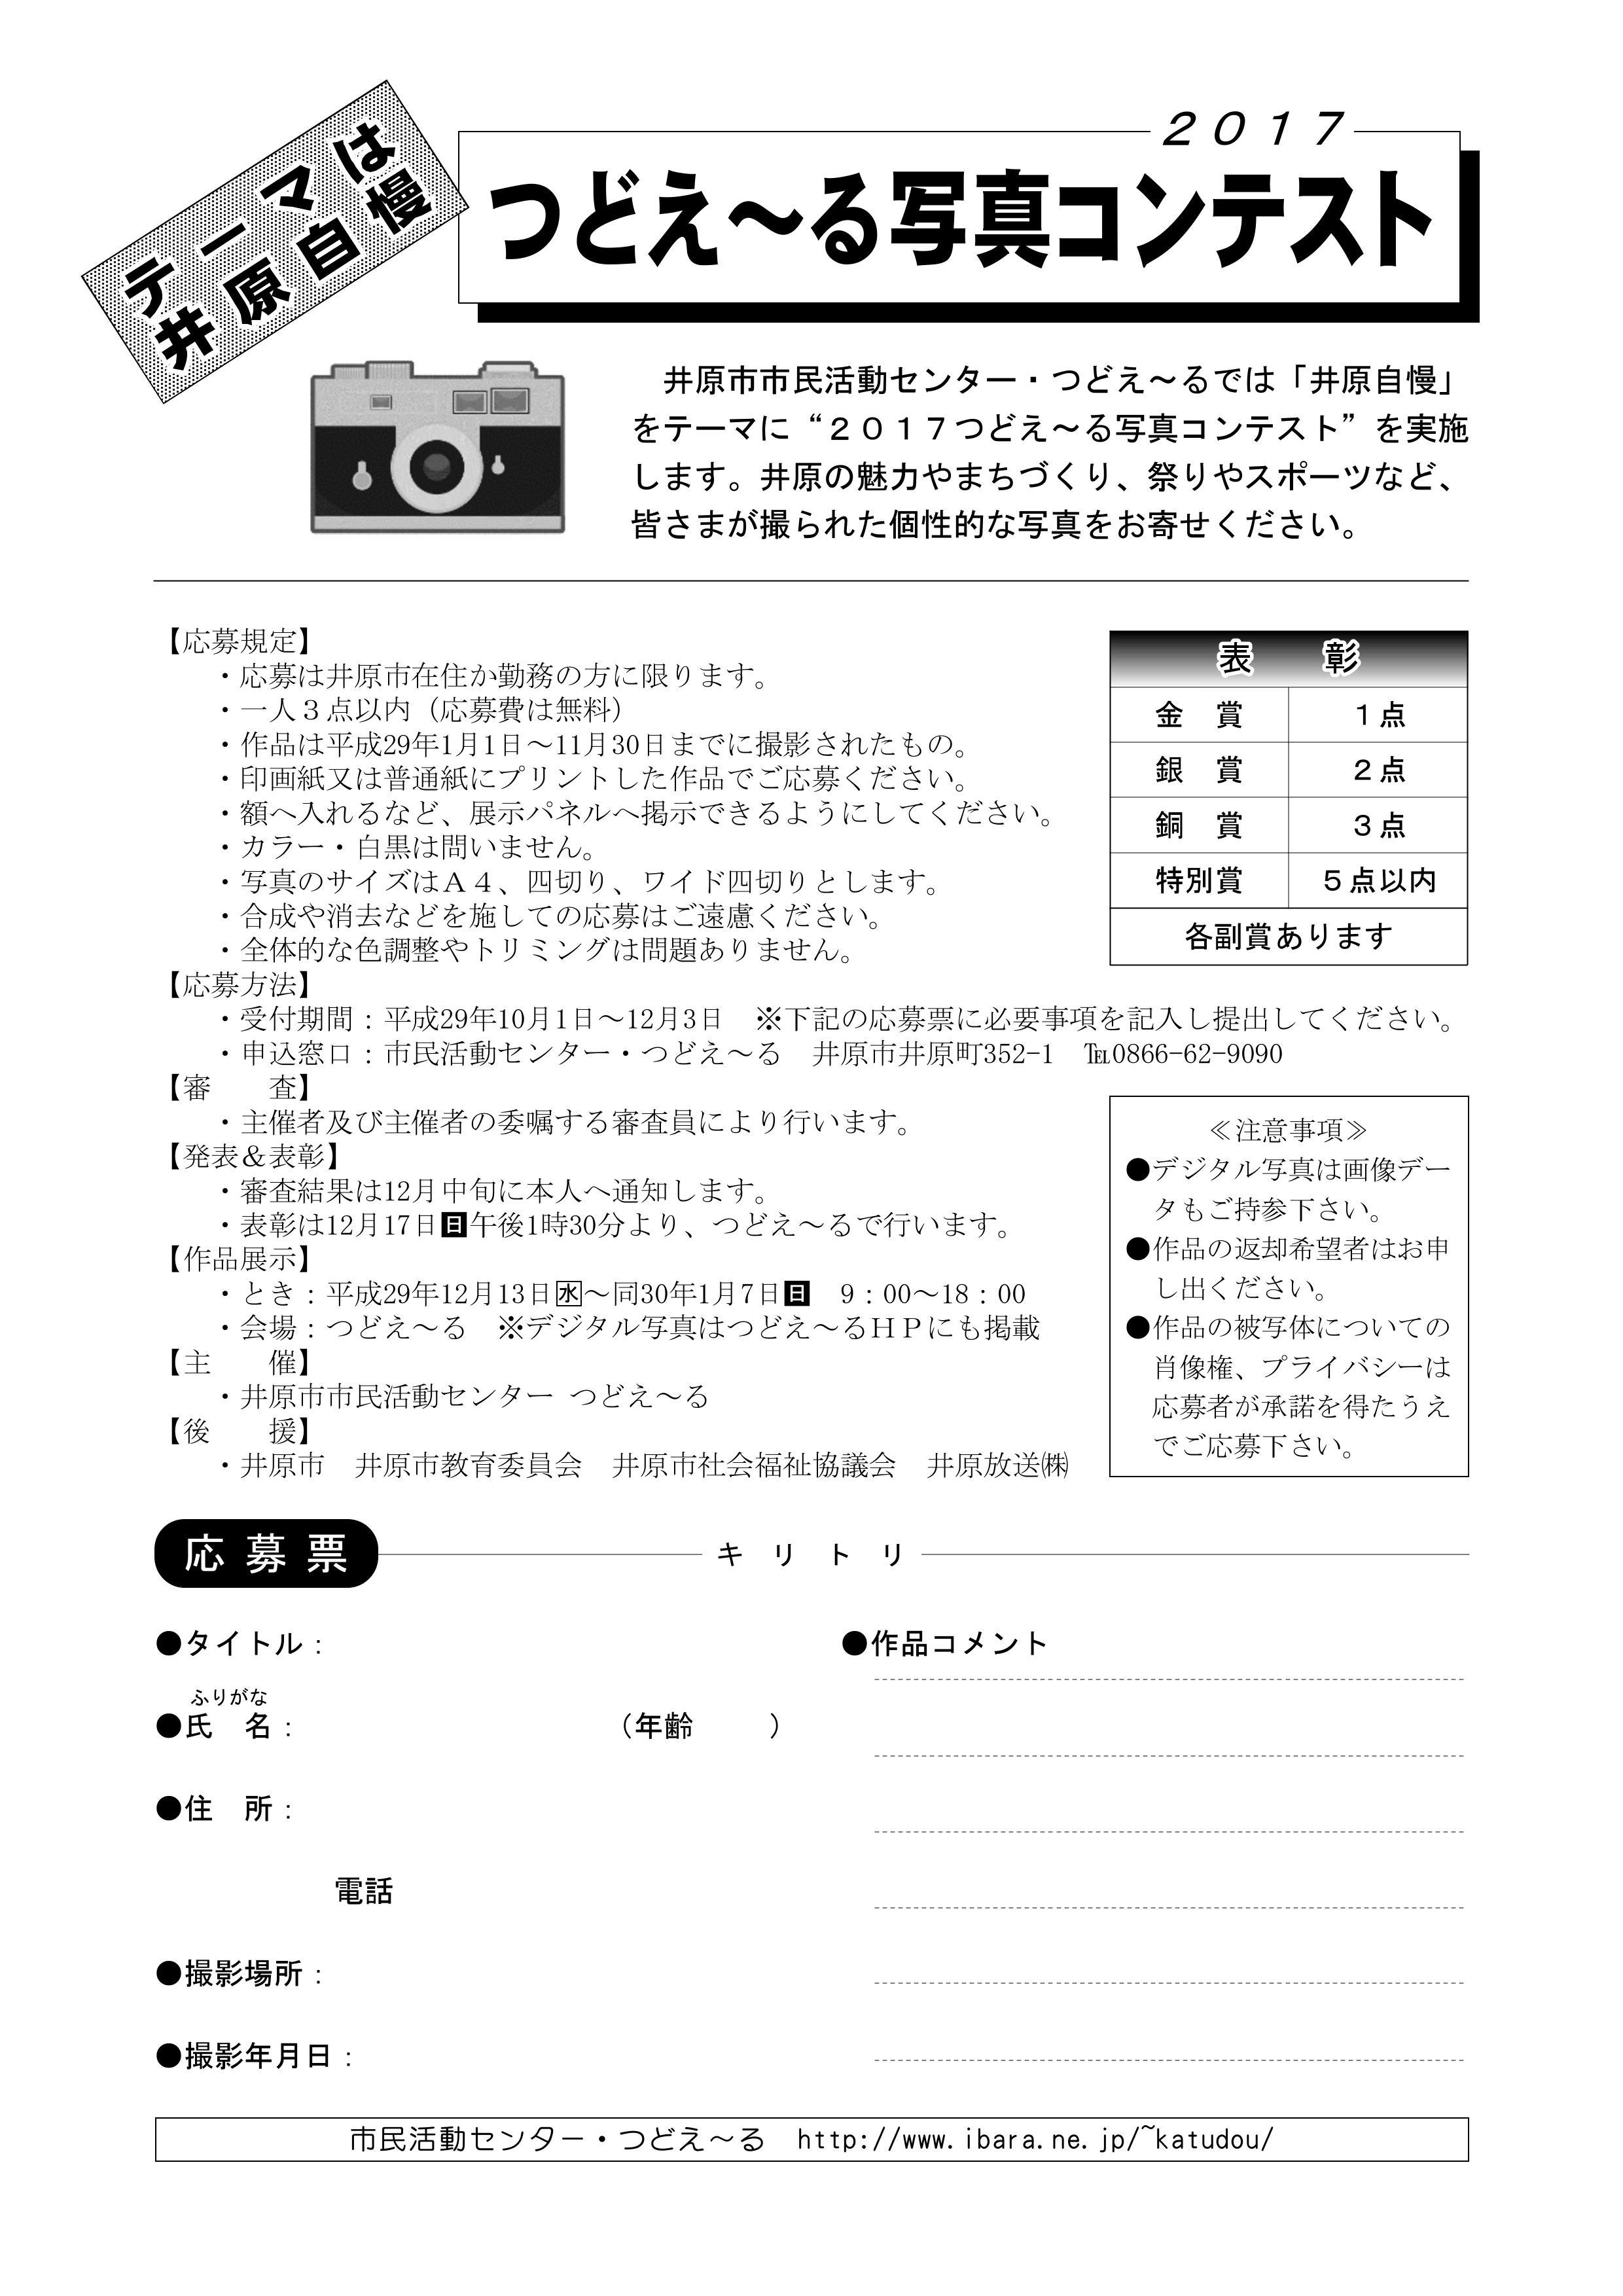 【 井原 】 『つどえ~る写真コンテスト2017』募集のご案内